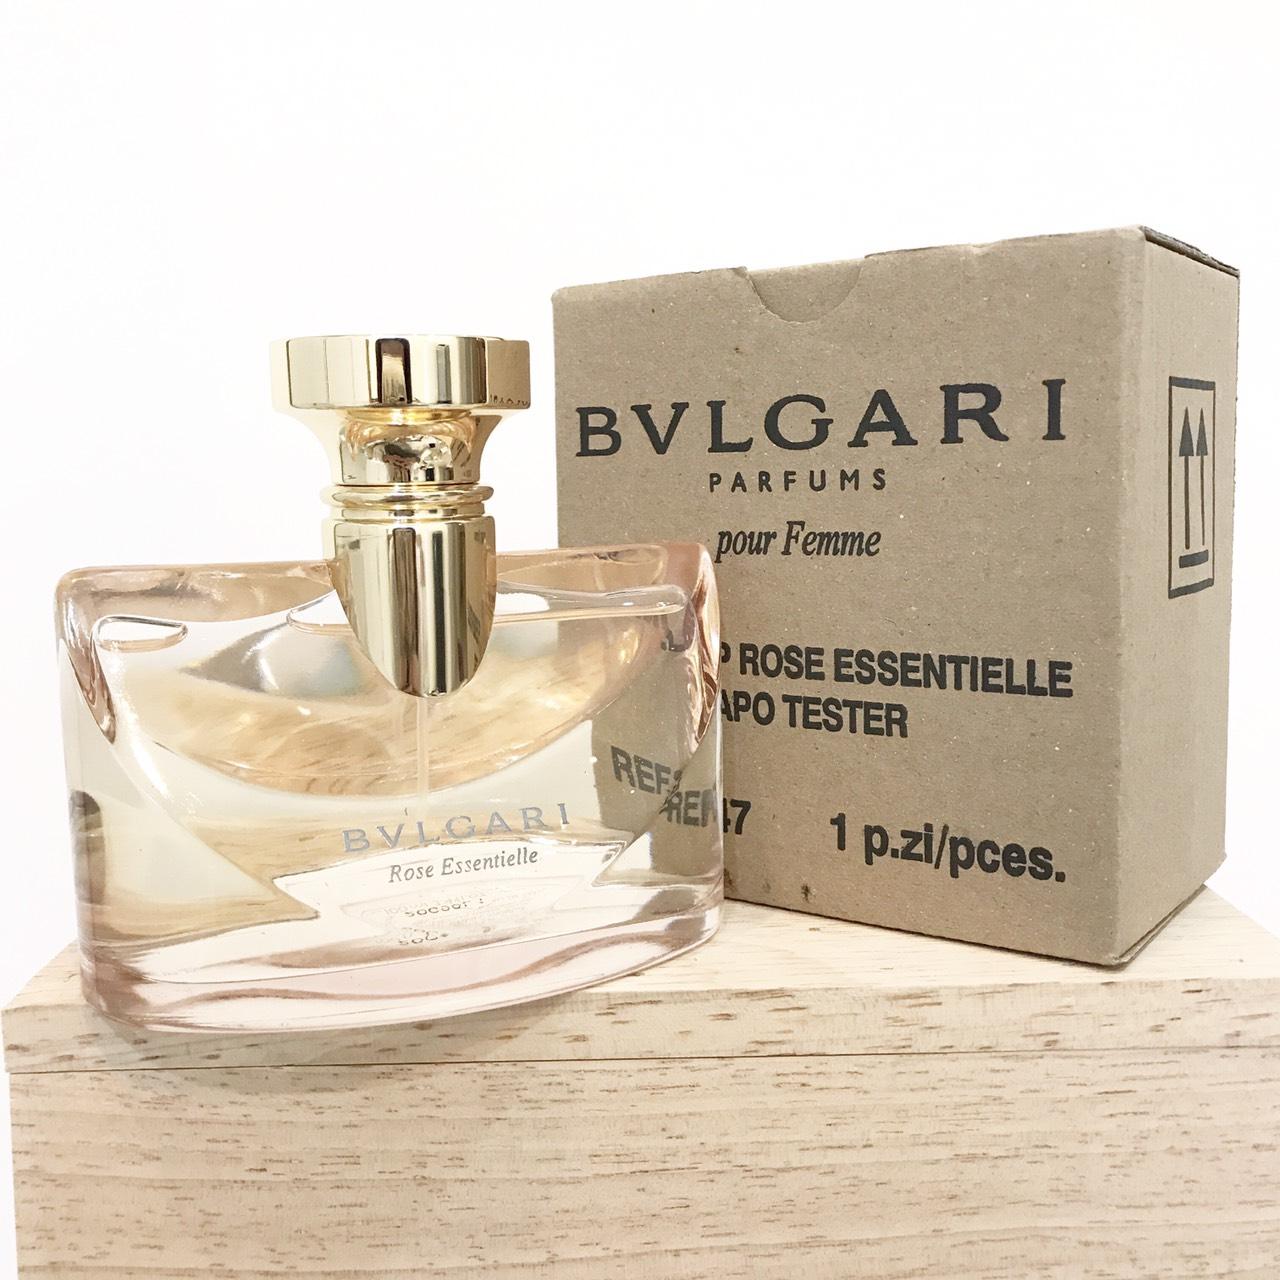 น้ำหอม (กล่องเทสเตอร์) Bvlgari Rose Essentielle EDP 100 ml. ของแท้ 100%